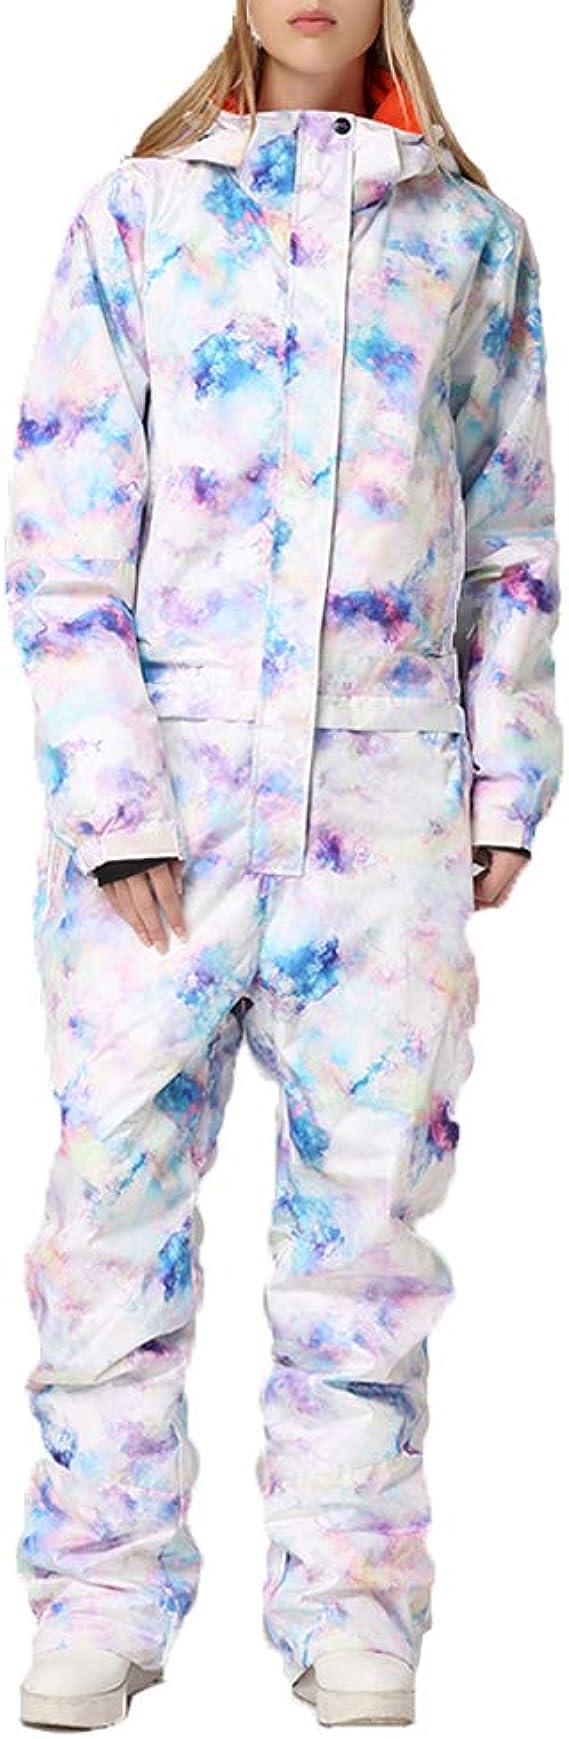 SUNNSEAN Damen Snowboard Skisuit Einteiliger Ski-Overall Hoodie Winter Warme Winddicht Wasserdicht mit Kapuze /& Handschuhe Schnee Skianz/üge Outdoor Sports Schneeanzug Ski Anzug mit Rei/ßverschluss